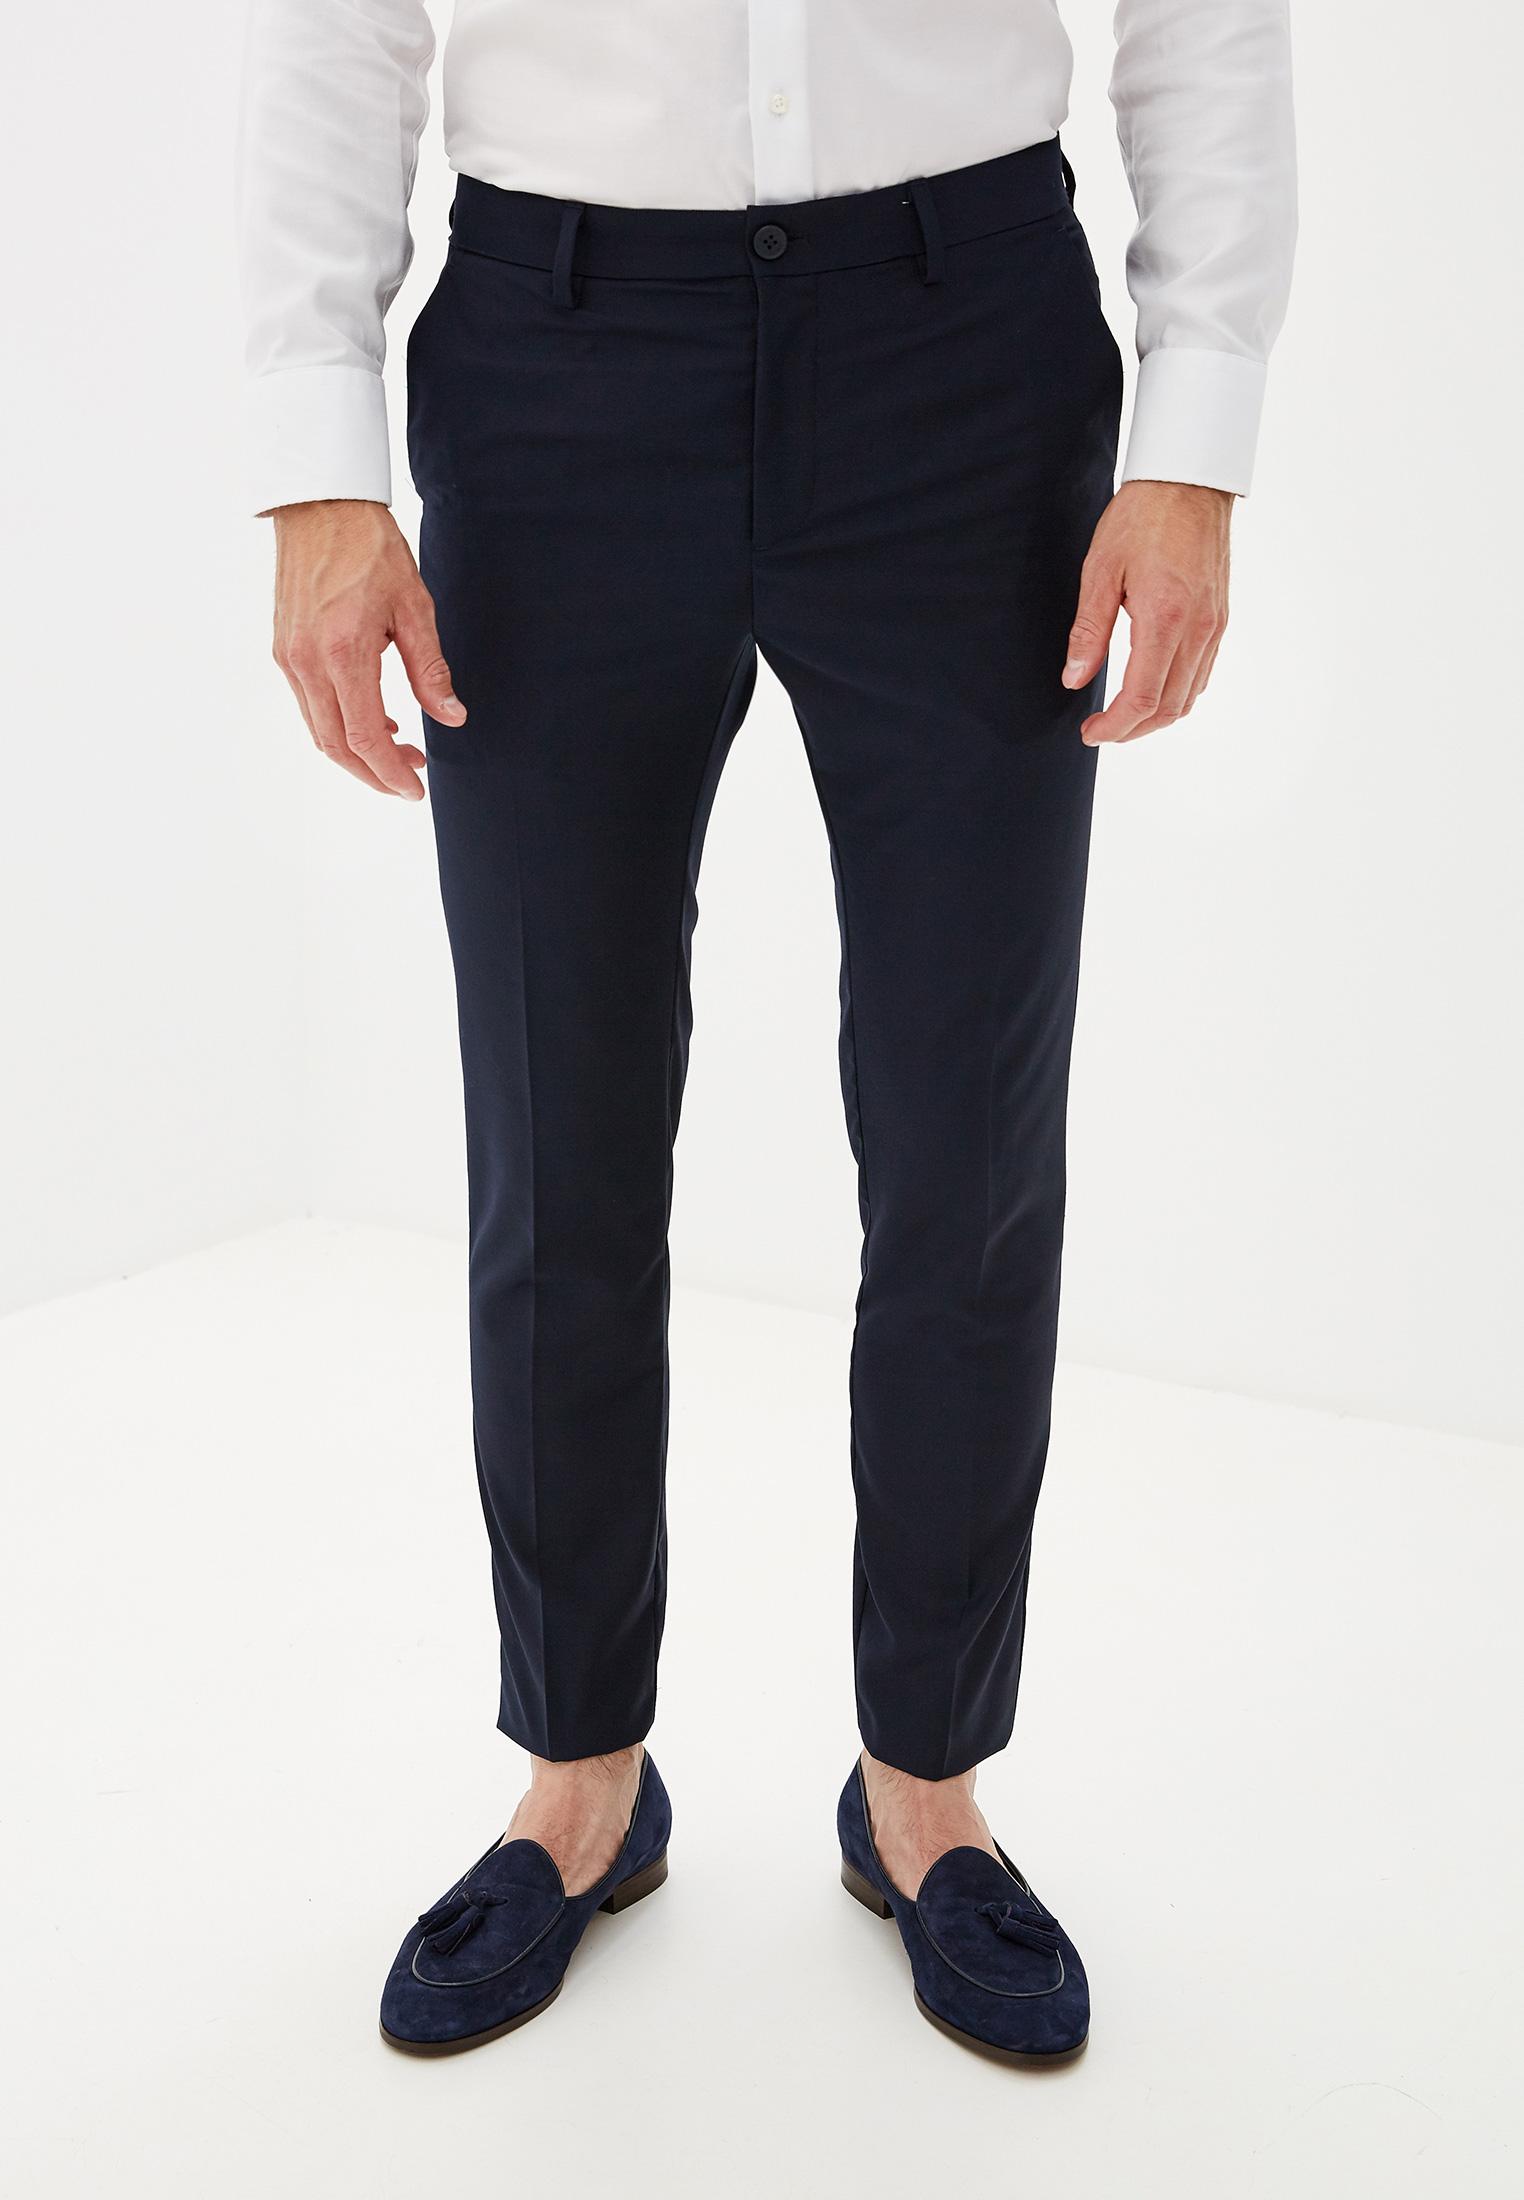 Мужские классические брюки O'stin MP4V32